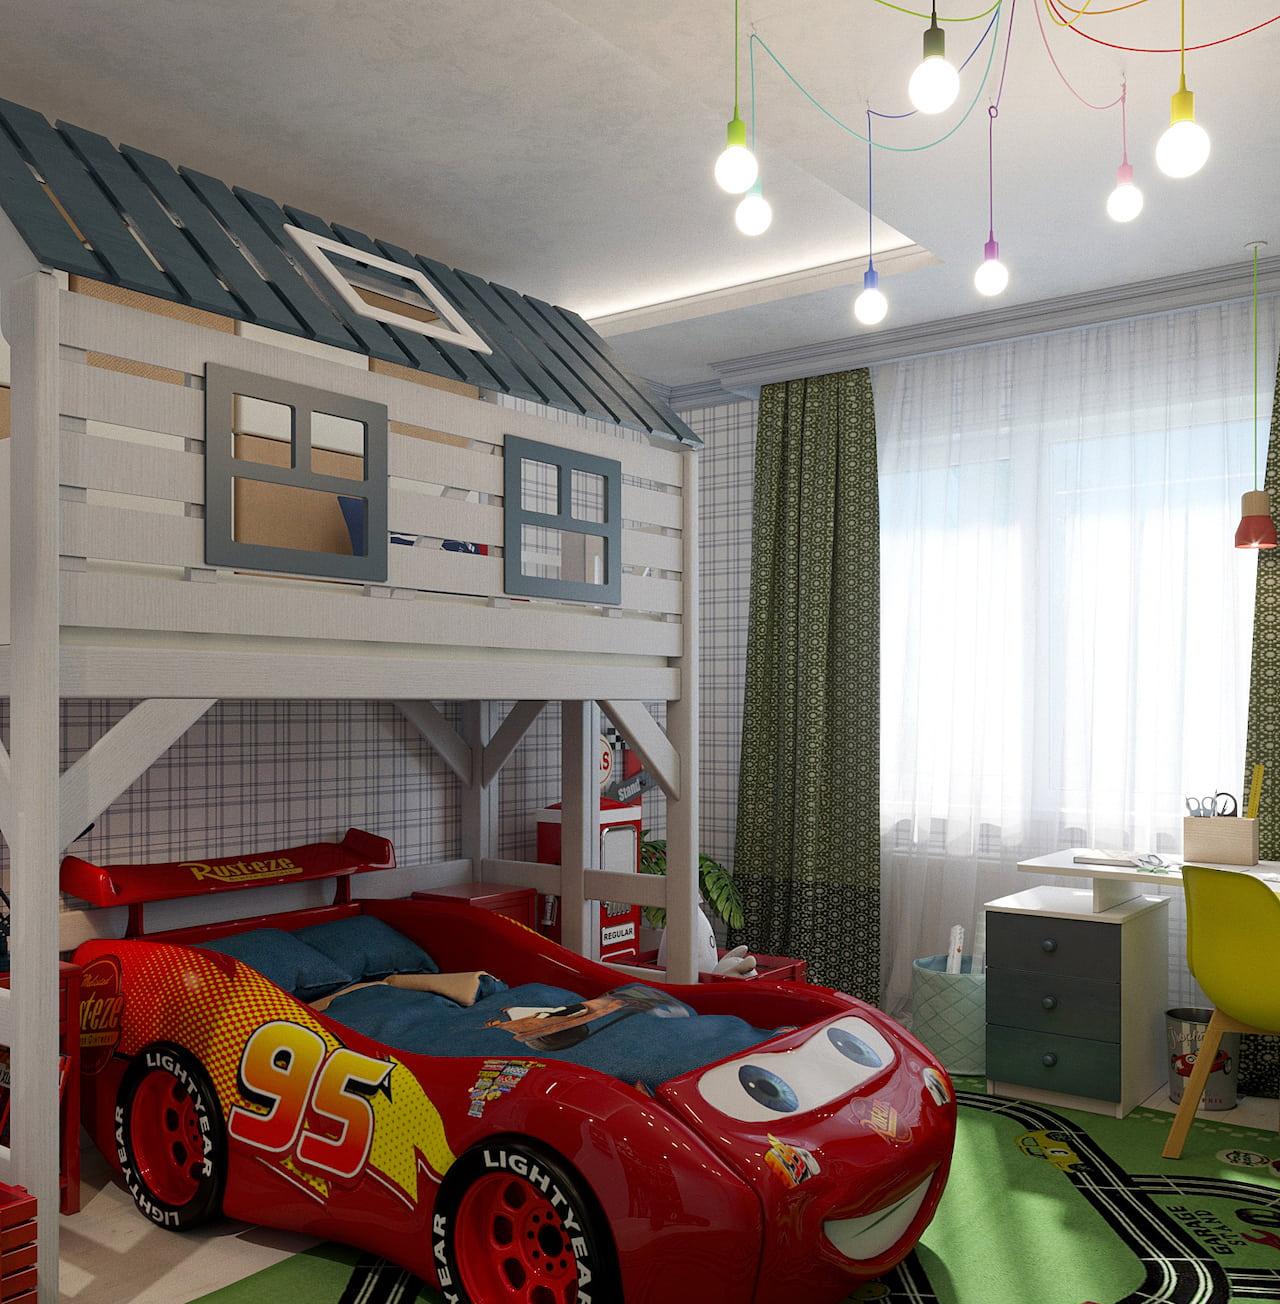 Chambre d'enfant pour un garçon photo 57